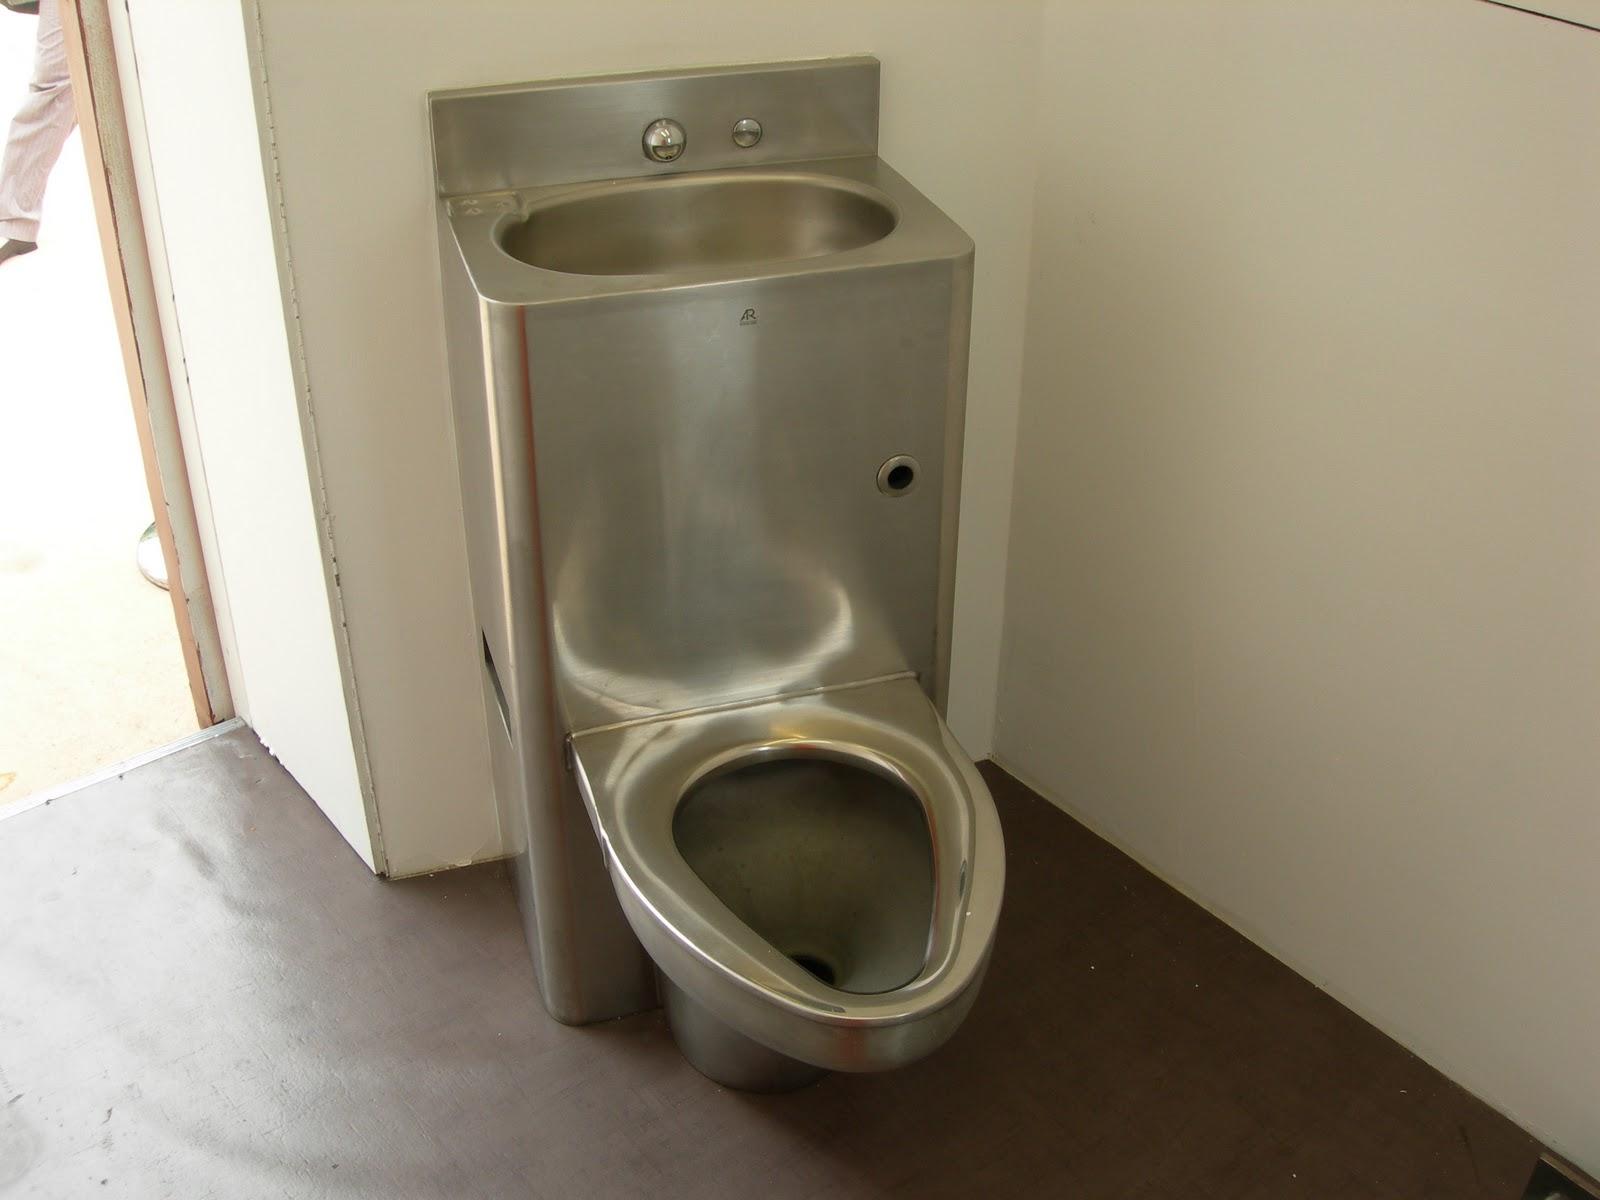 http://1.bp.blogspot.com/_6p3UFHZzS8I/TUxIah8NXzI/AAAAAAAAADs/D7-b-ouHphs/s1600/Amnesty-gitmo-cell-toilet.jpg